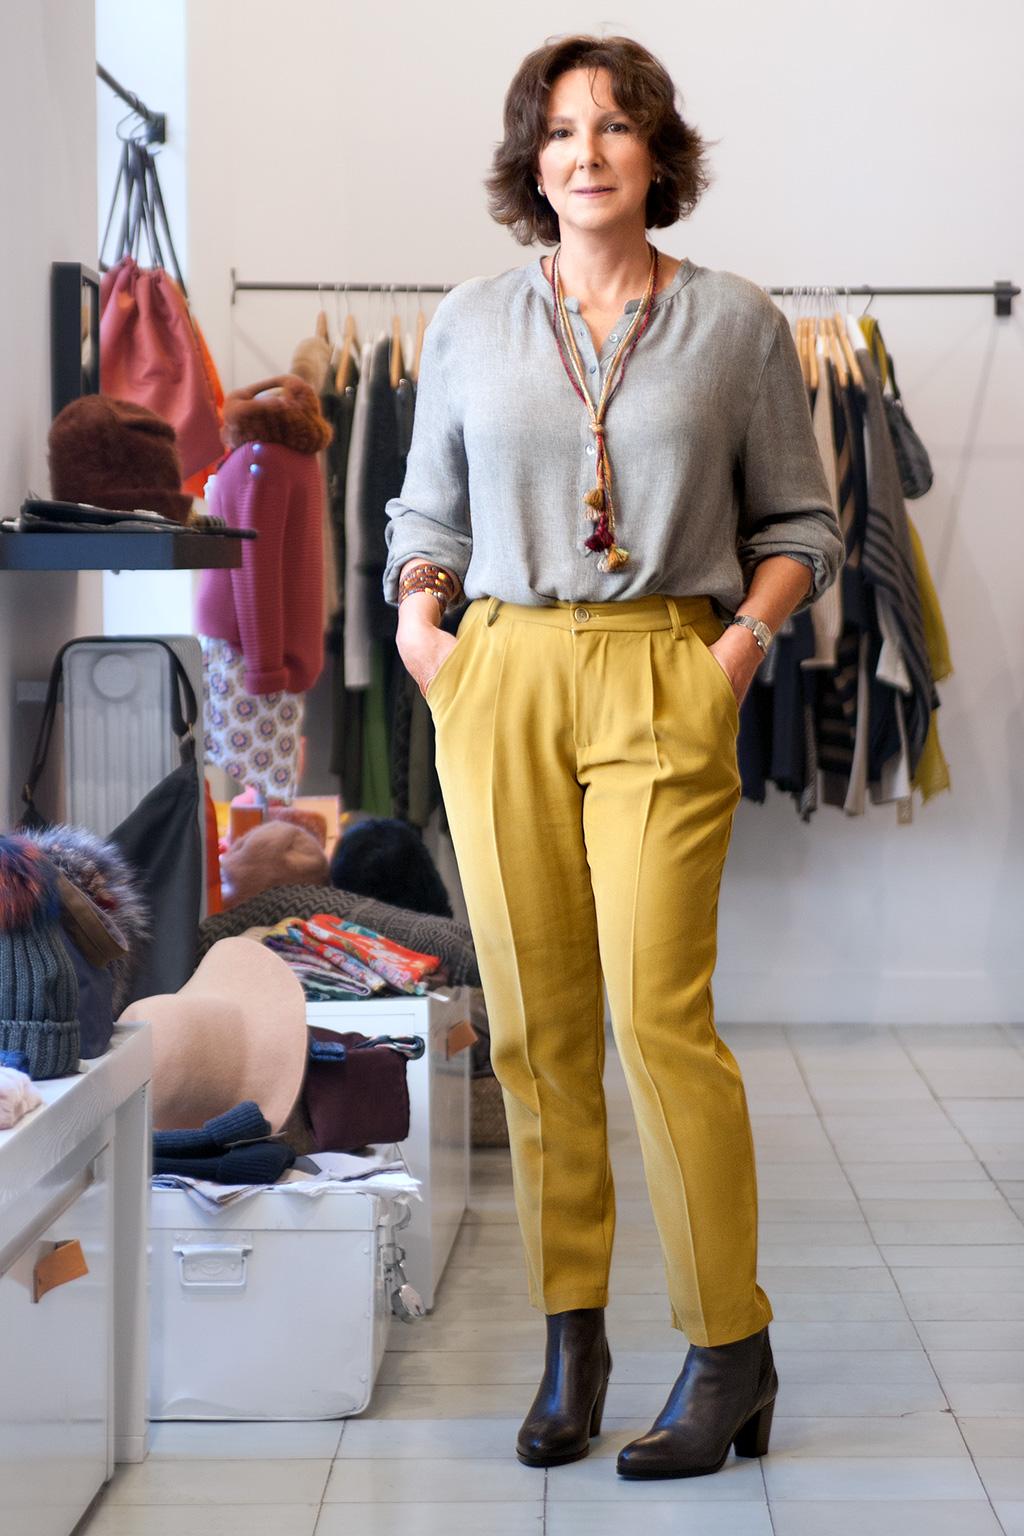 Inés de la Peña, asesora de imagen personal, posando con prendas de la tienda Ocre, situada en el barrio del Antiguo.